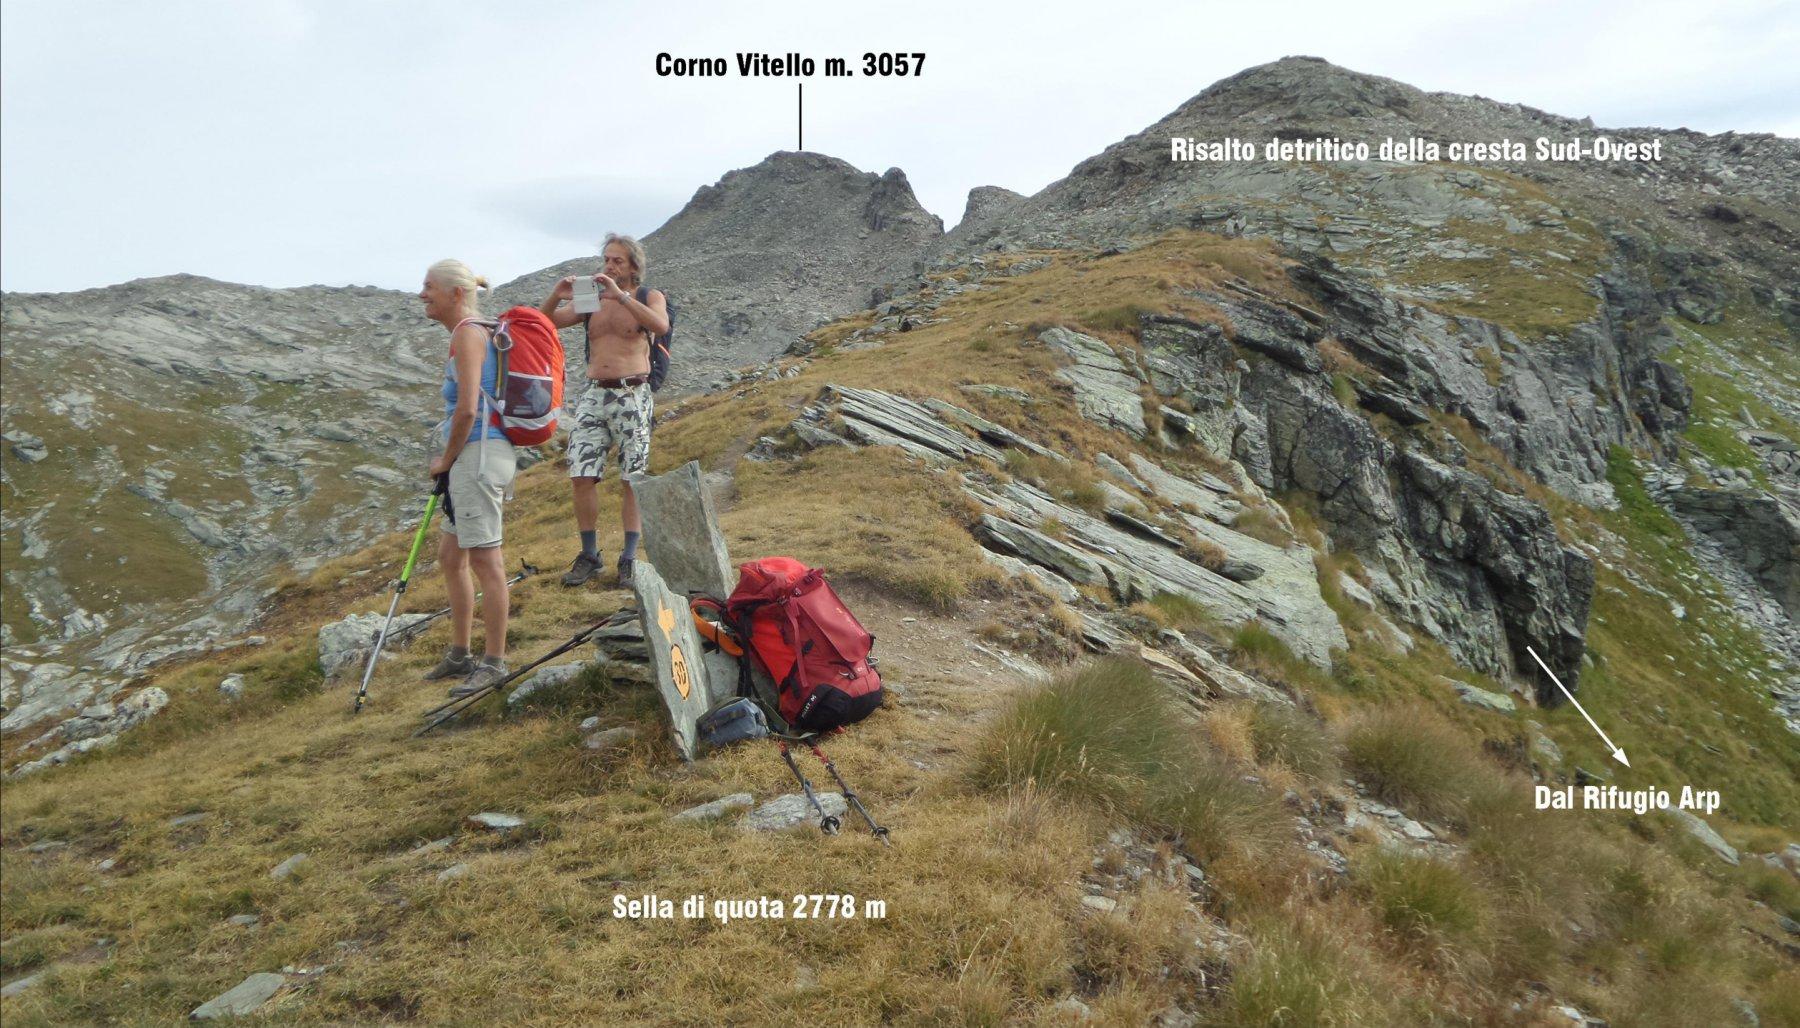 raggiunta la sella di quota 2778 m si vede bene il restante percorso da fare per raggiungere la cima